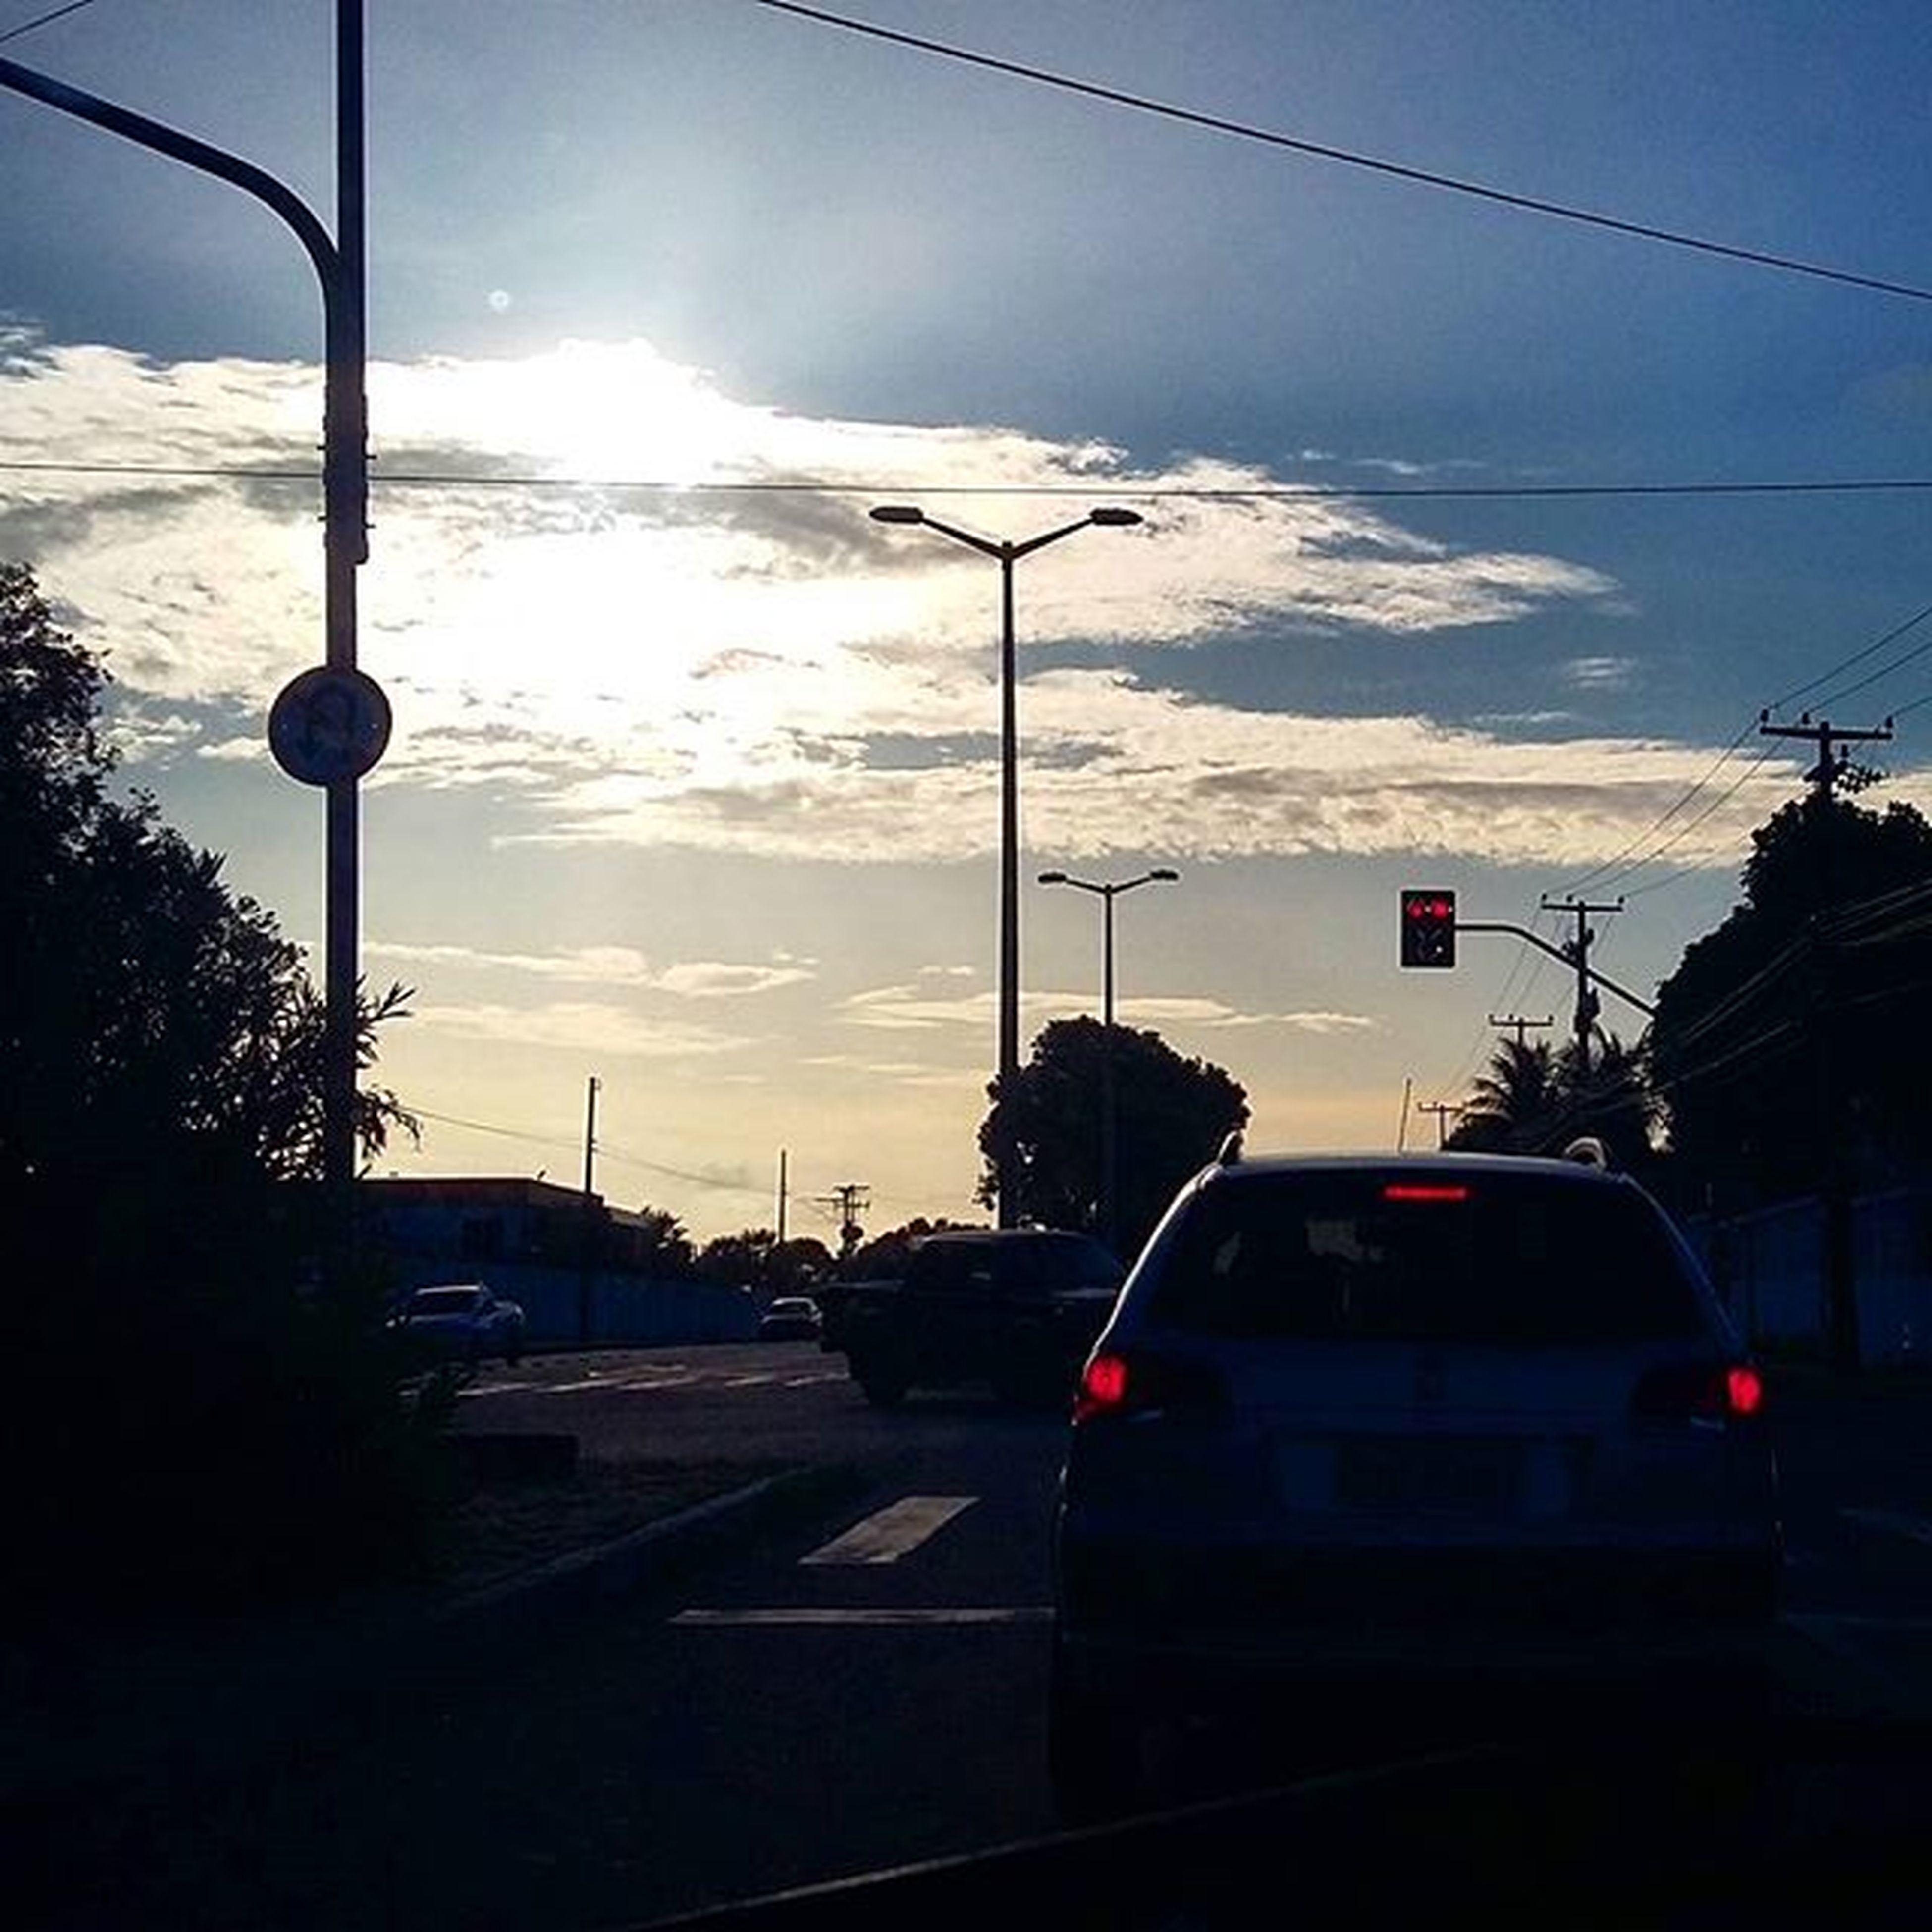 No meio do caminho tinha um lindo fim de tarde. Mobile Mobilephotography Mobilephoto Streetphoto Loosemag Fotomissao Achadosdasemana Sunset Saturdayafternoon  Photogtaphy Fortaleza FortalCity Ig_ceara Brstreet Brstreet0116 Dnfotografia Urbanandstreet